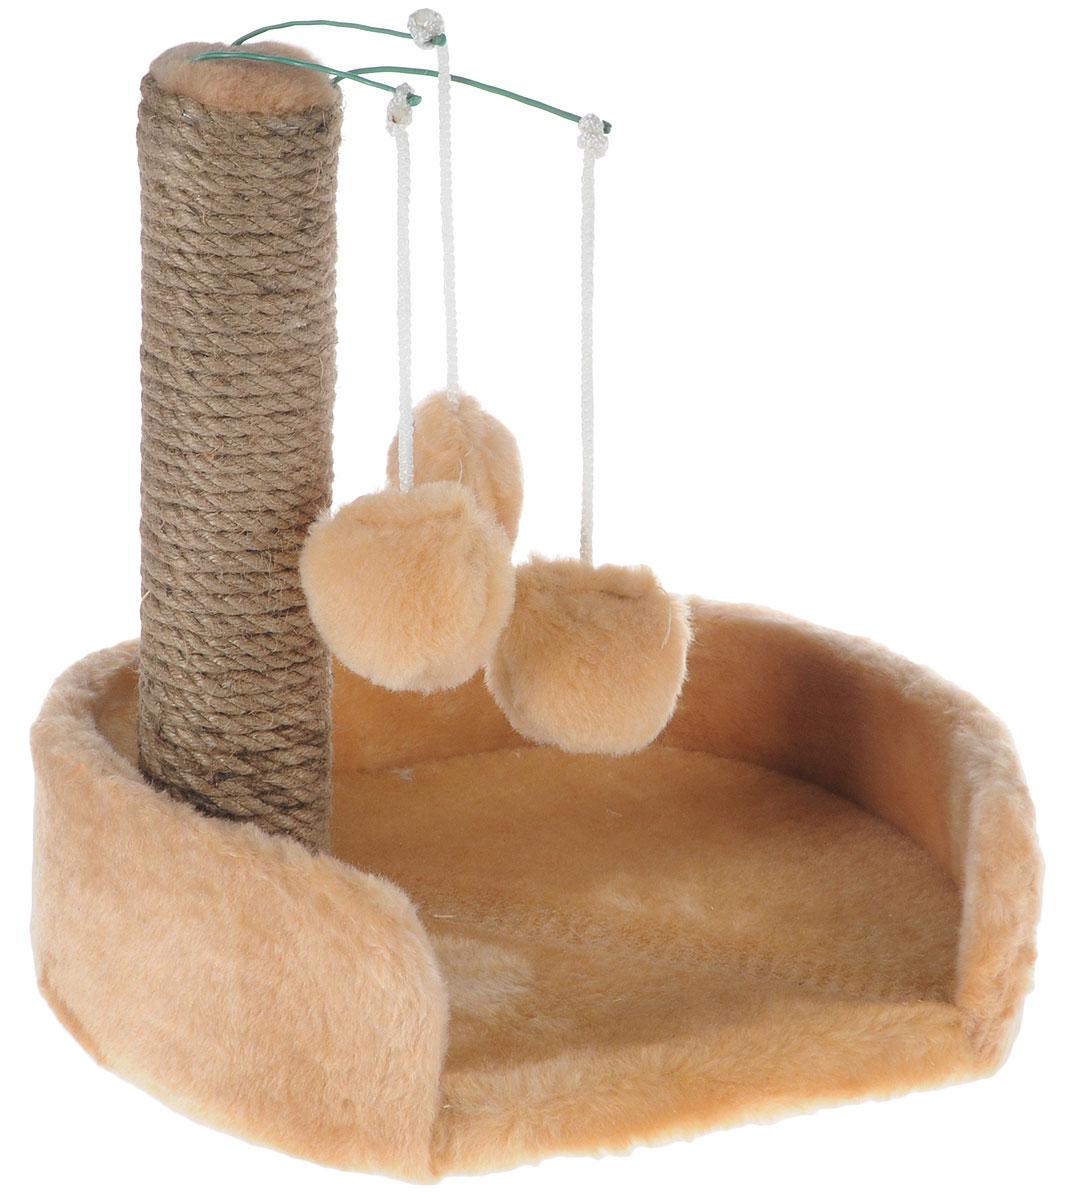 Когтеточка для котят Меридиан, с лежанкой, цвет: светло-коричневый, бежевый, 34 х 26 х 34 см0120710Когтеточка Меридиан предназначена для стачивания когтей вашего котенка и предотвращения их врастания. Она выполнена из ДВП и ДСП и обтянута искусственным мехом. Точатся когти о столбик из джута. Когтеточка оснащена подвесными игрушками, привлекающими внимание котенка. Внизу имеется спальное место.Когтеточка позволяет сохранить неповрежденными мебель и другие предметы интерьера.